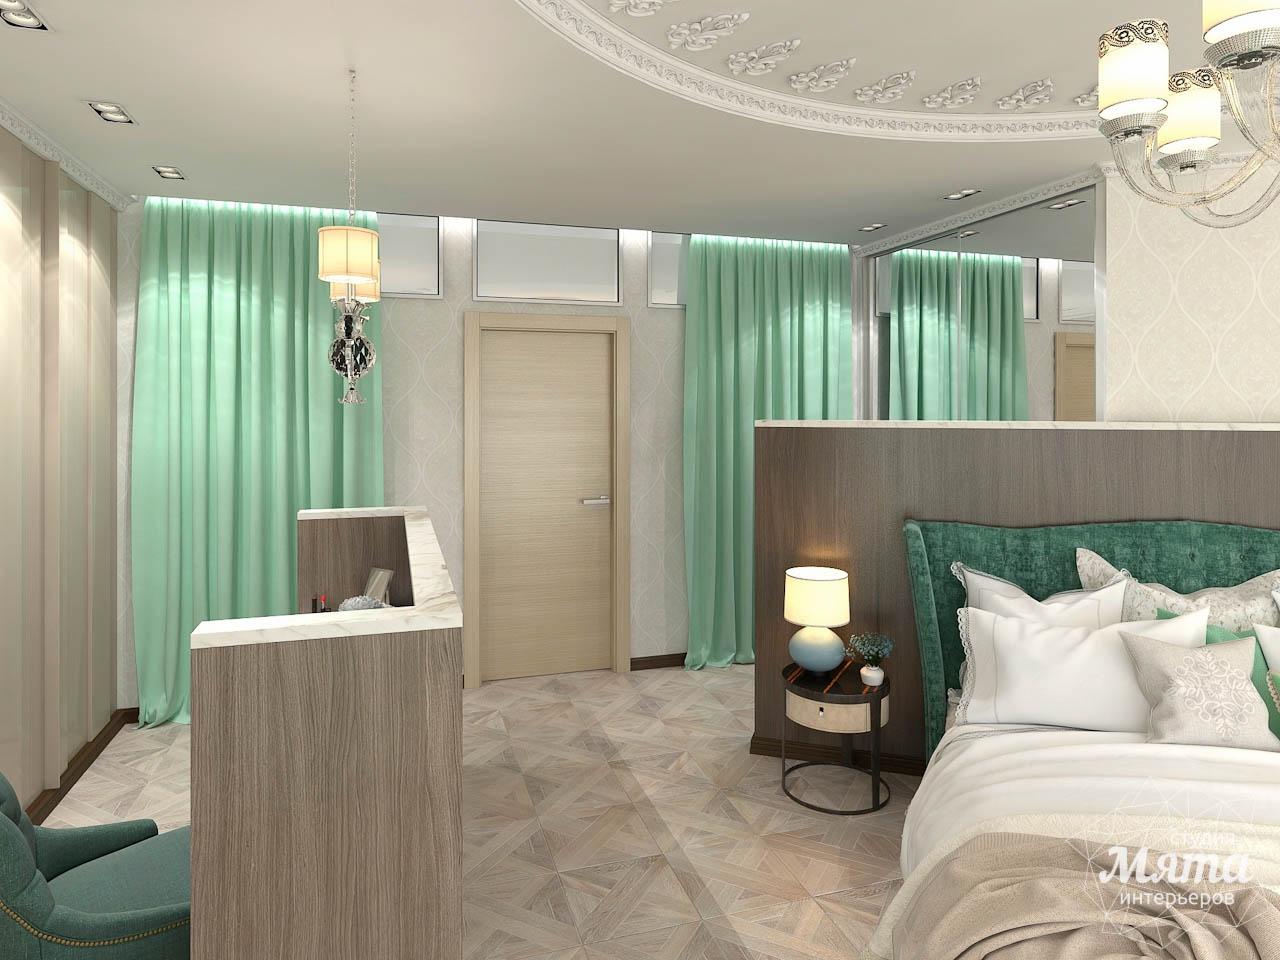 Дизайн интерьера коттеджа в п. Дубрава img774750587